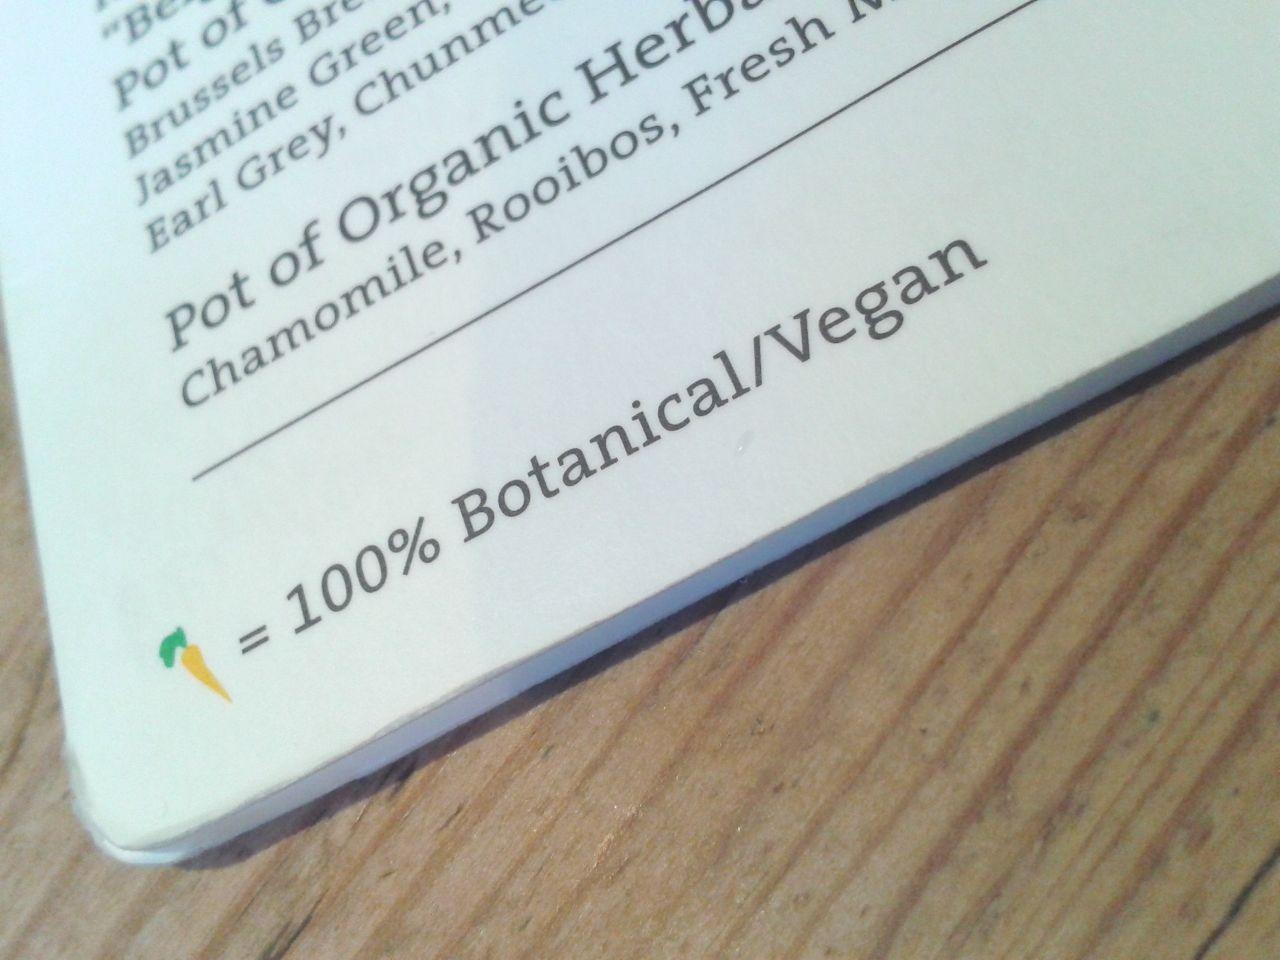 http://i0.wp.com/fatgayvegan.com/wp-content/uploads/2014/01/vegan-symbol.jpg?fit=1280%2C960